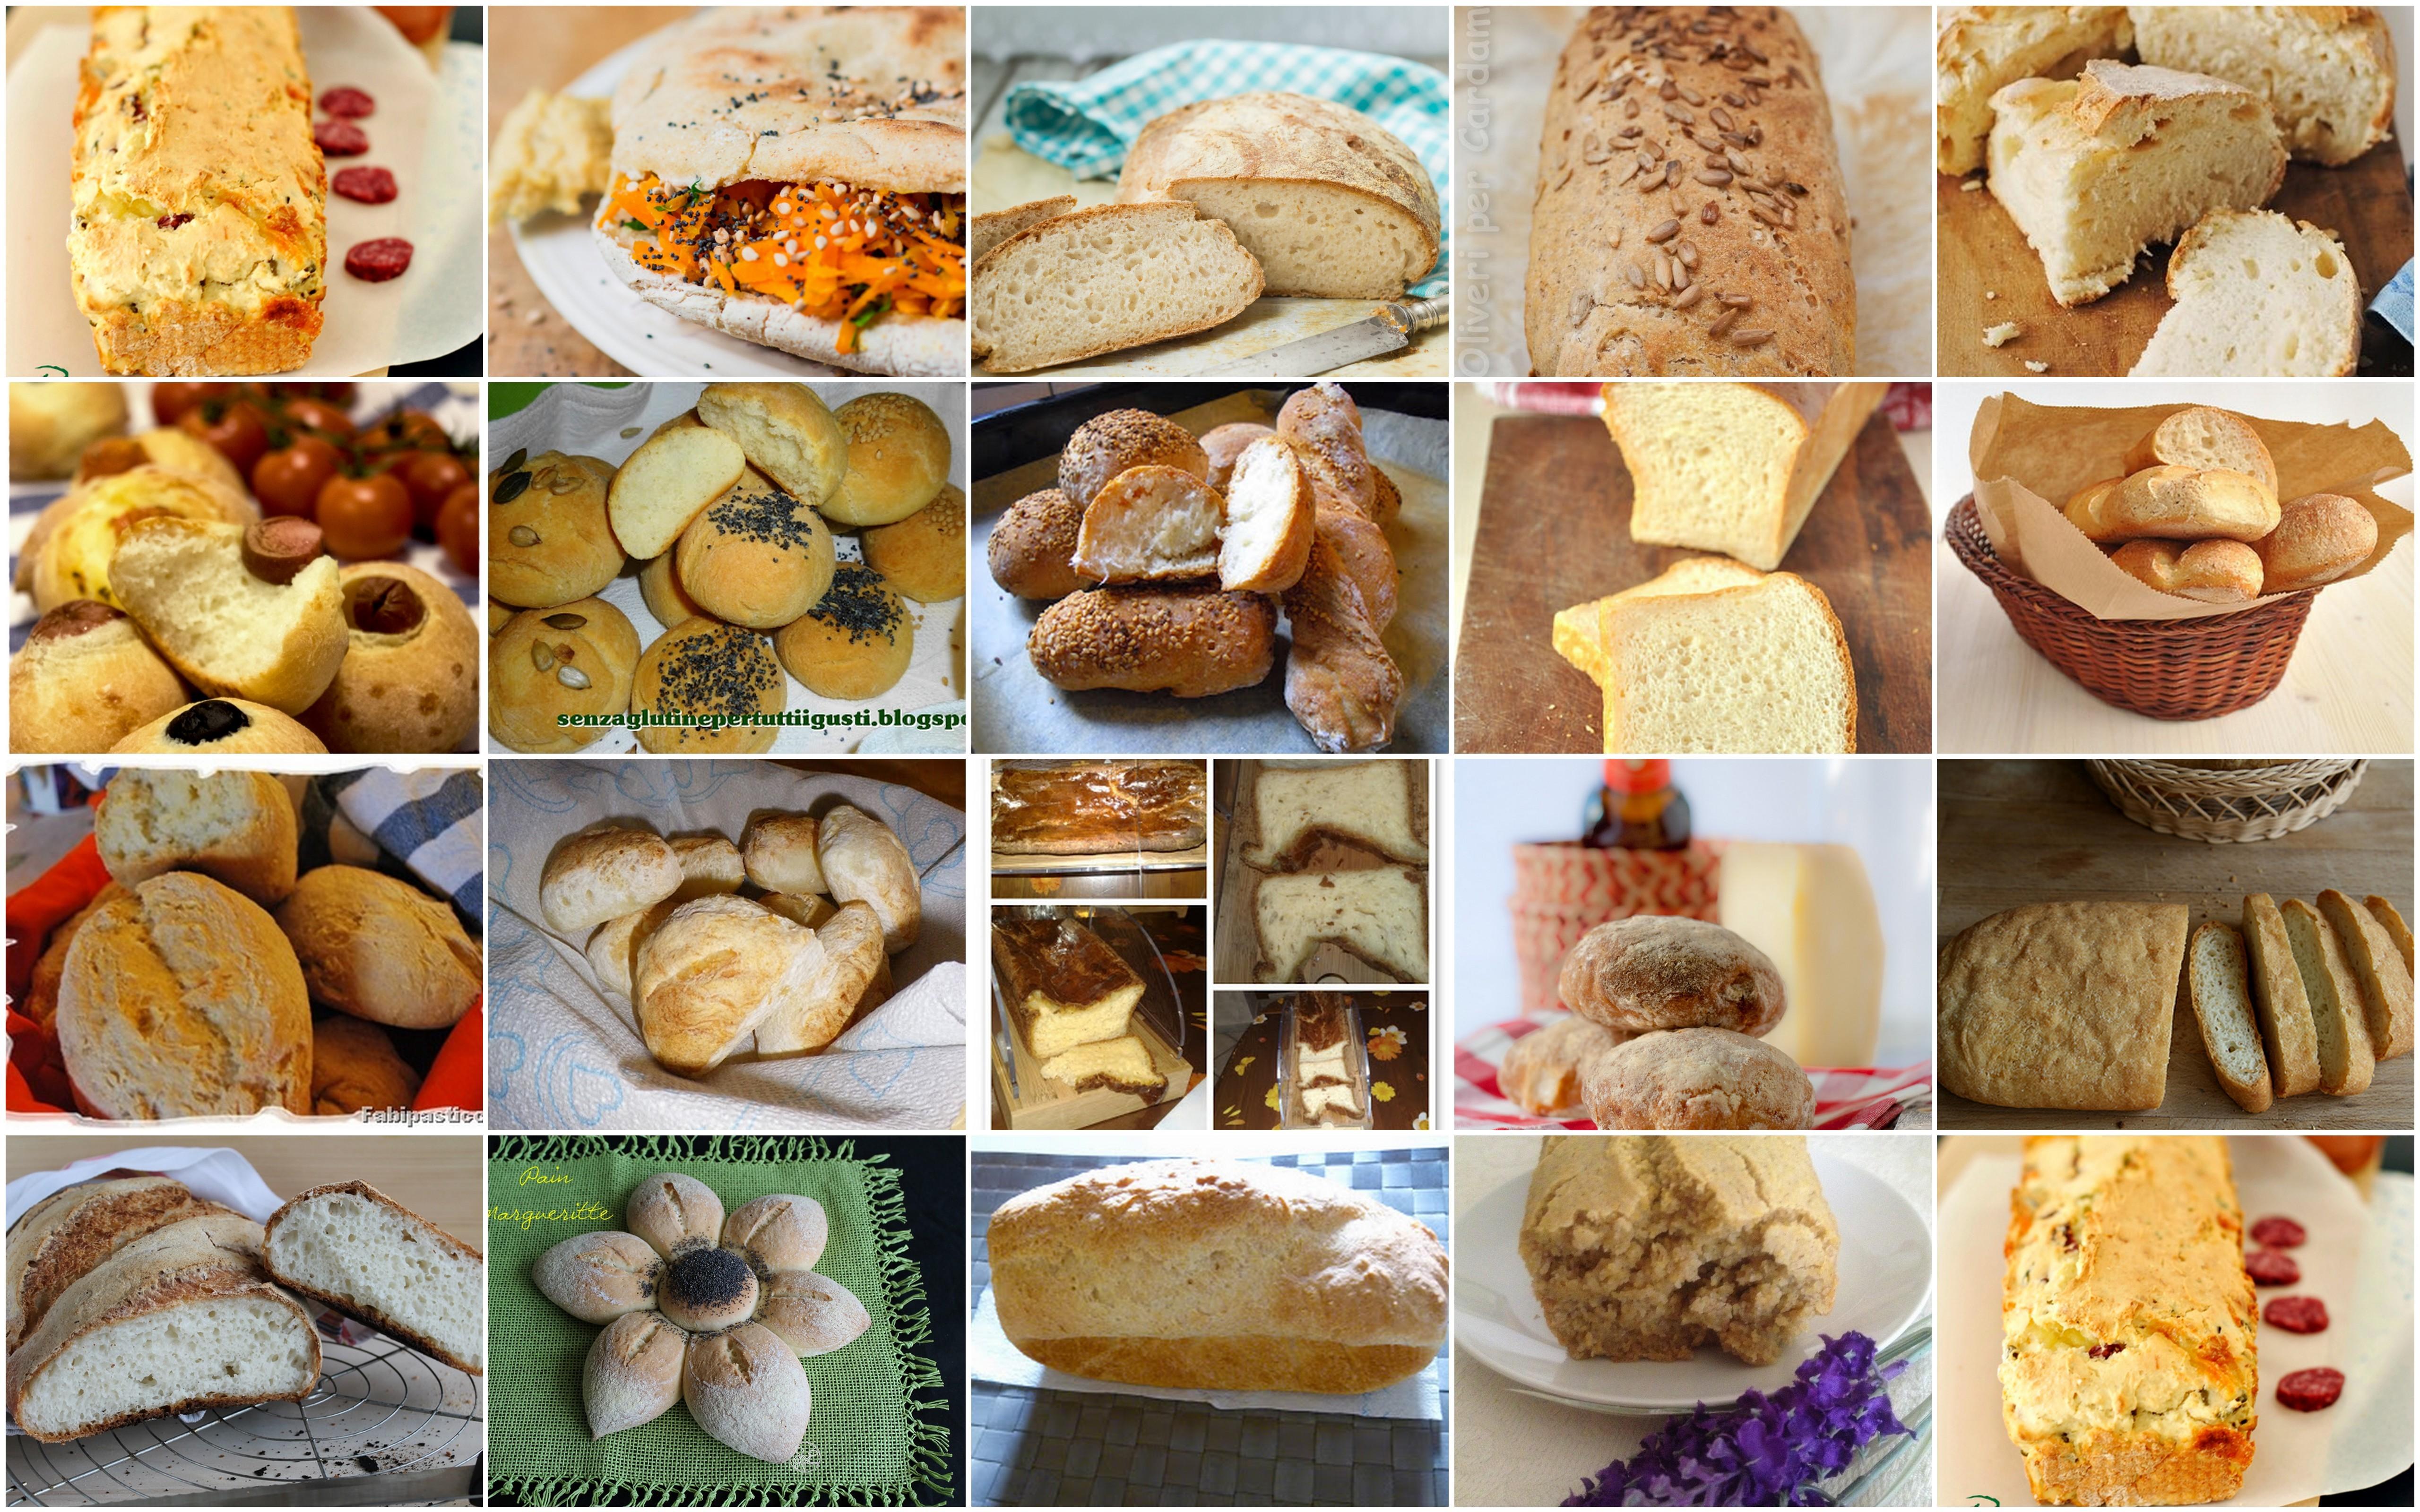 Pane senza glutine - Gluten Free Travel & Living